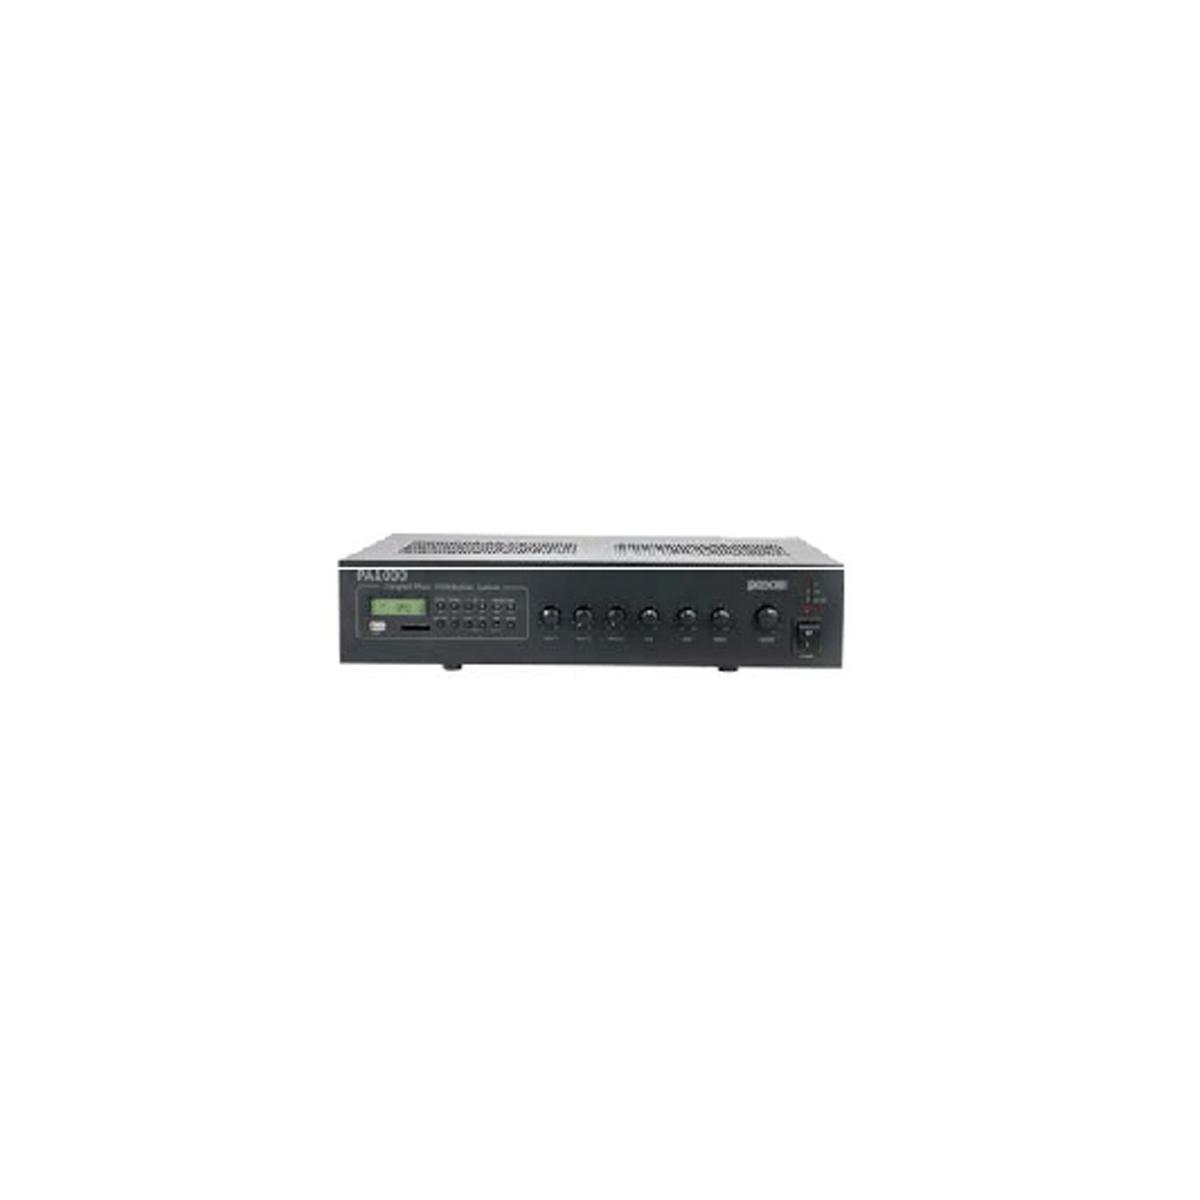 Sistema de difusão sonora com 120W